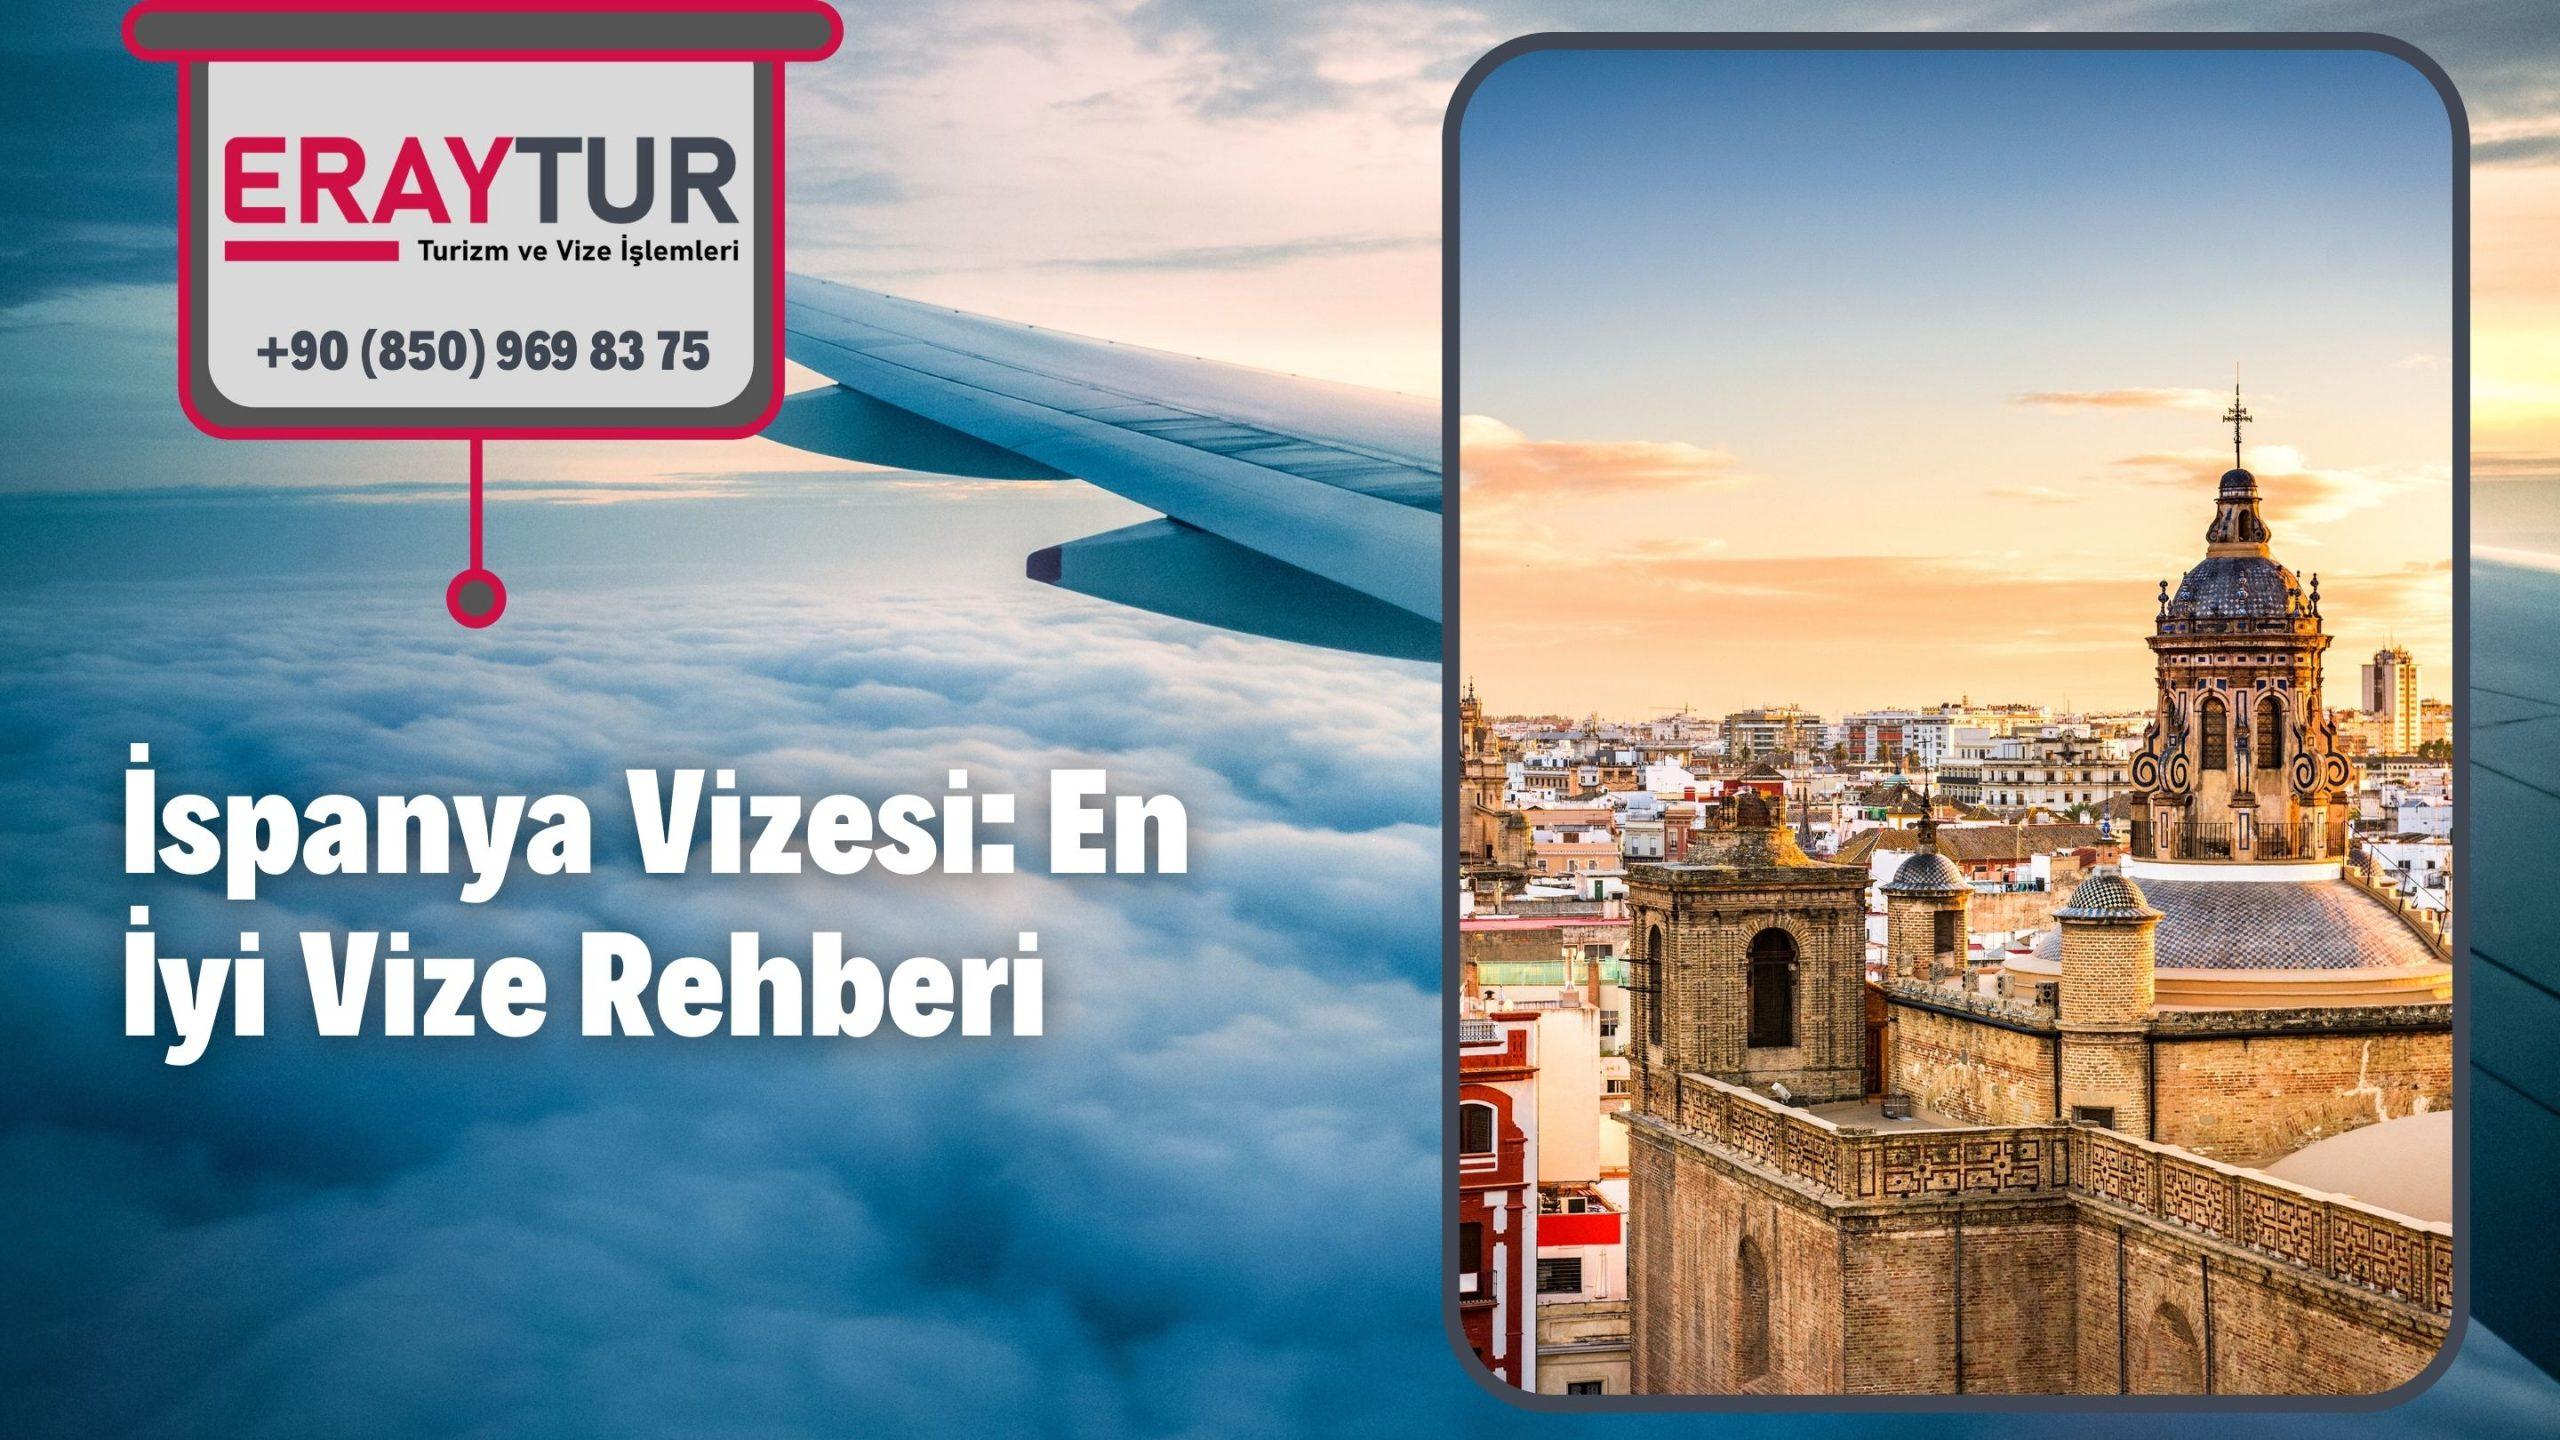 İspanya Vizesi: En İyi Vize Rehberi 2021